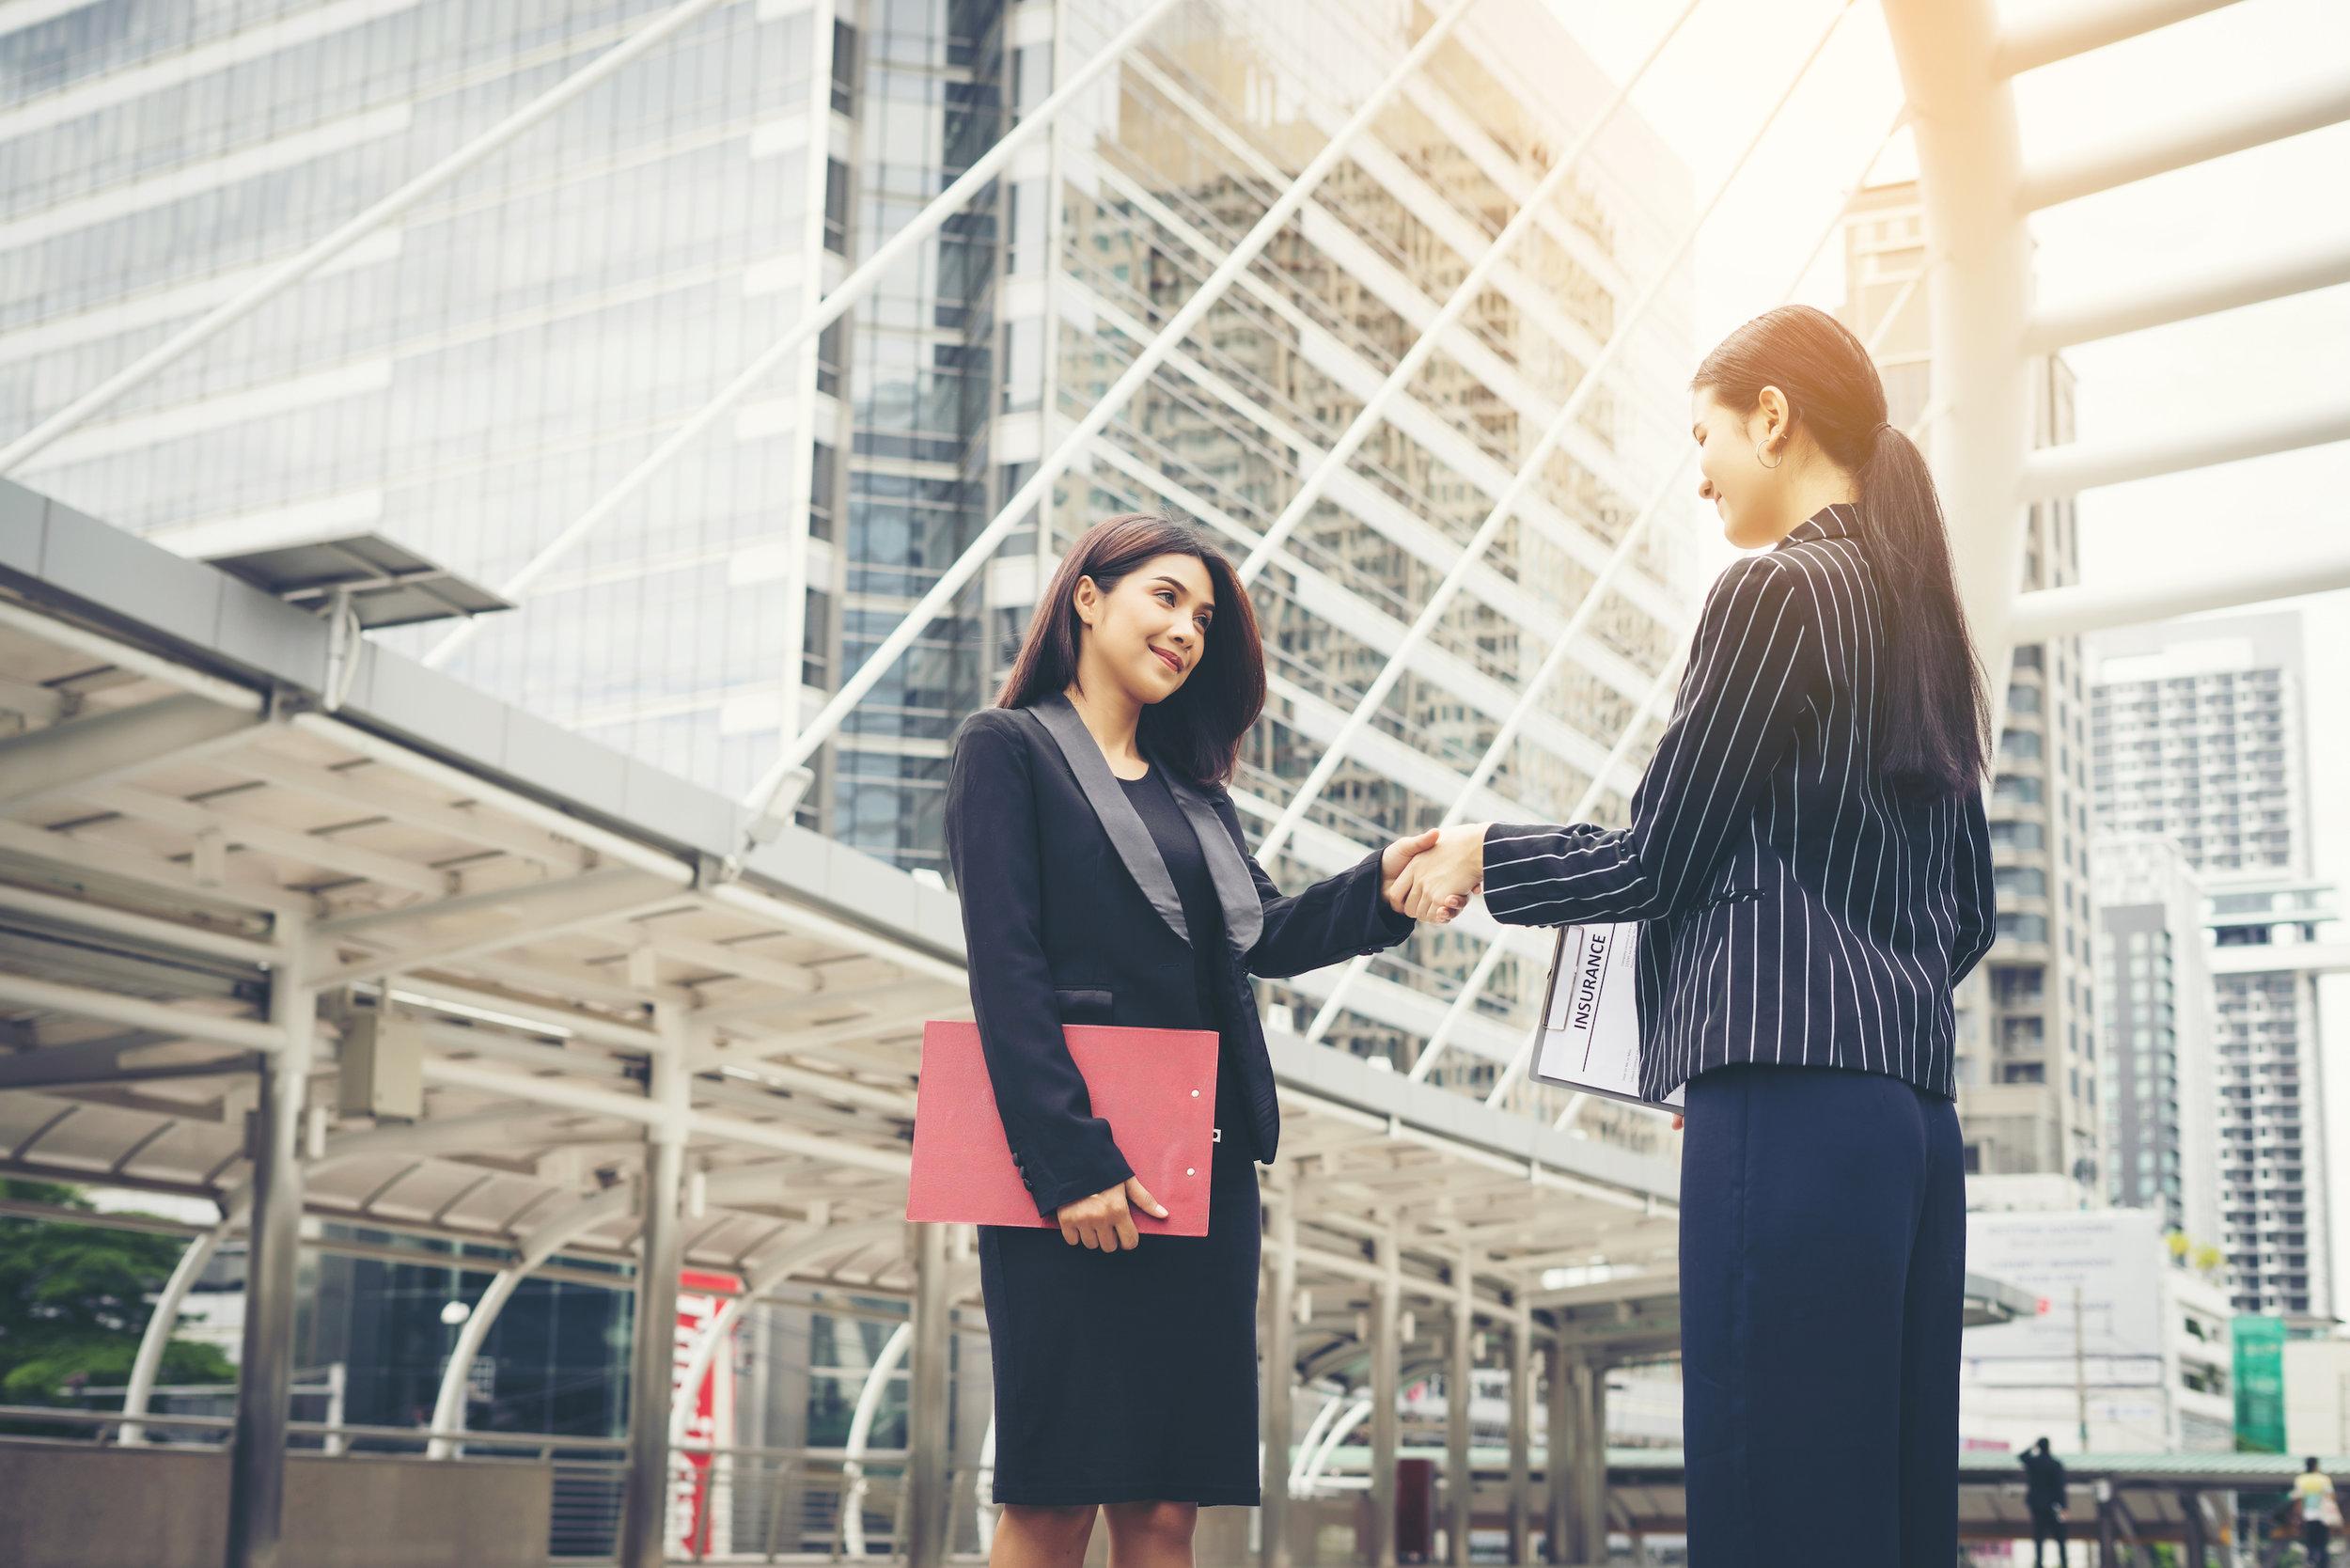 人資徵才時,該怎麼做,才能在找到對的人才時,對方也願意加入公司?